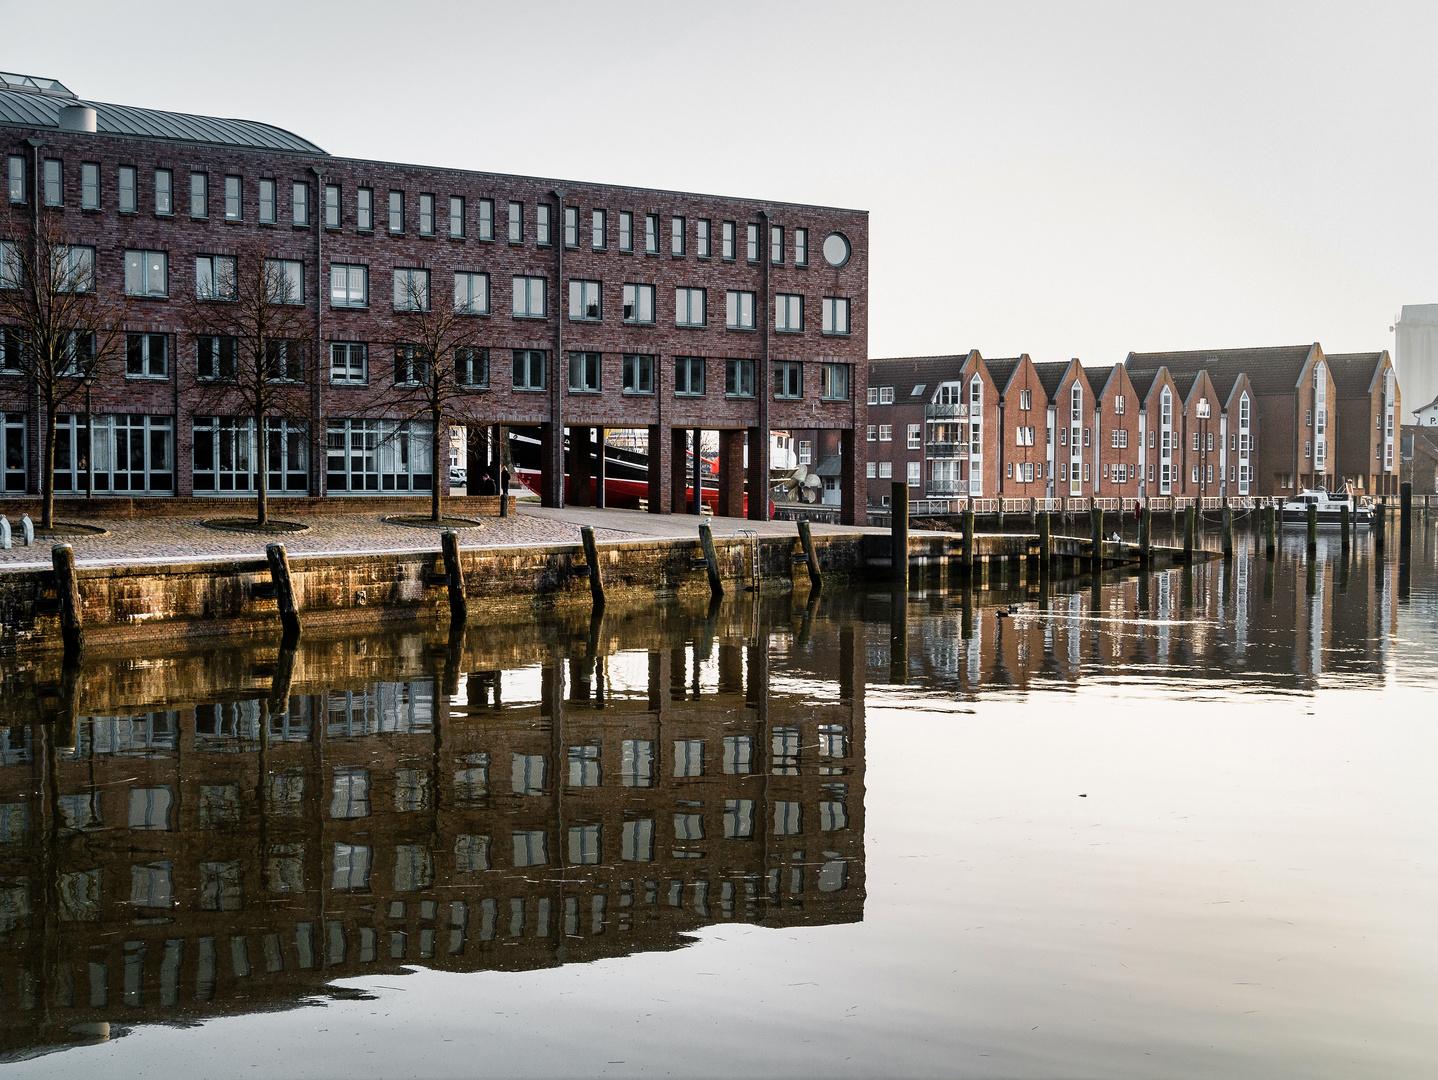 Husum-Binnenhafen, 3